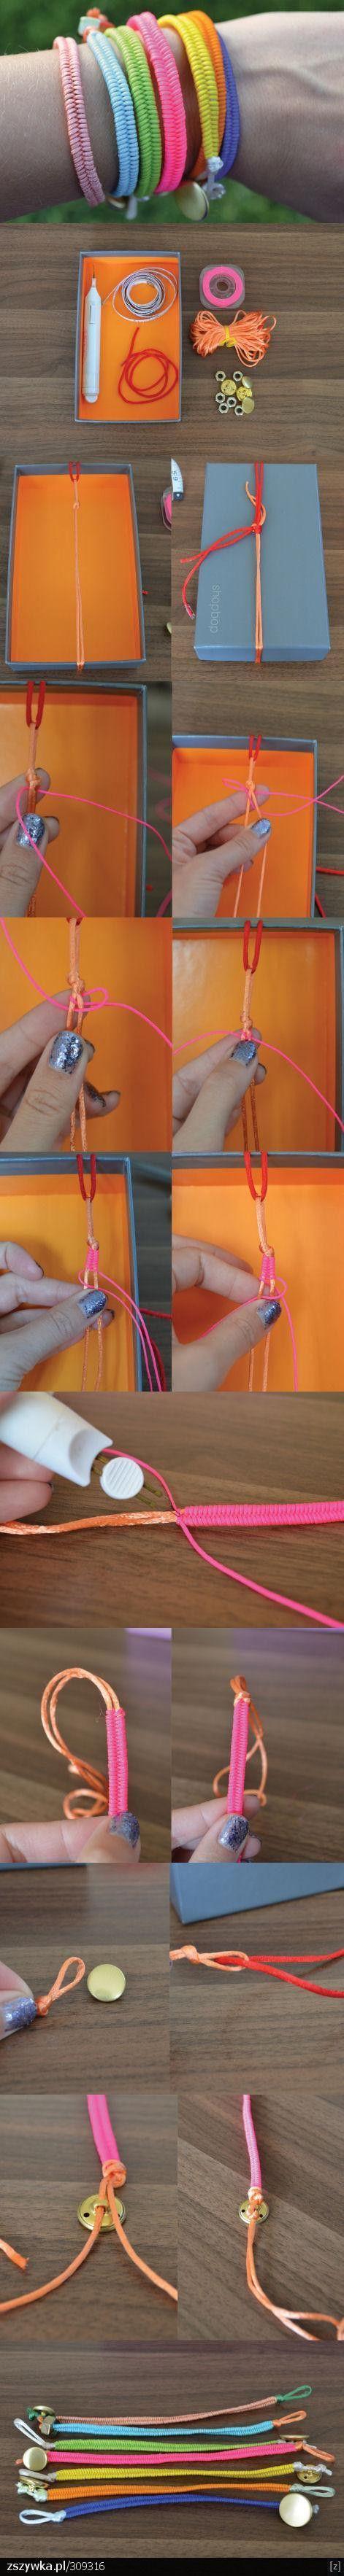 #braided #fishtail #friendship #bracelet